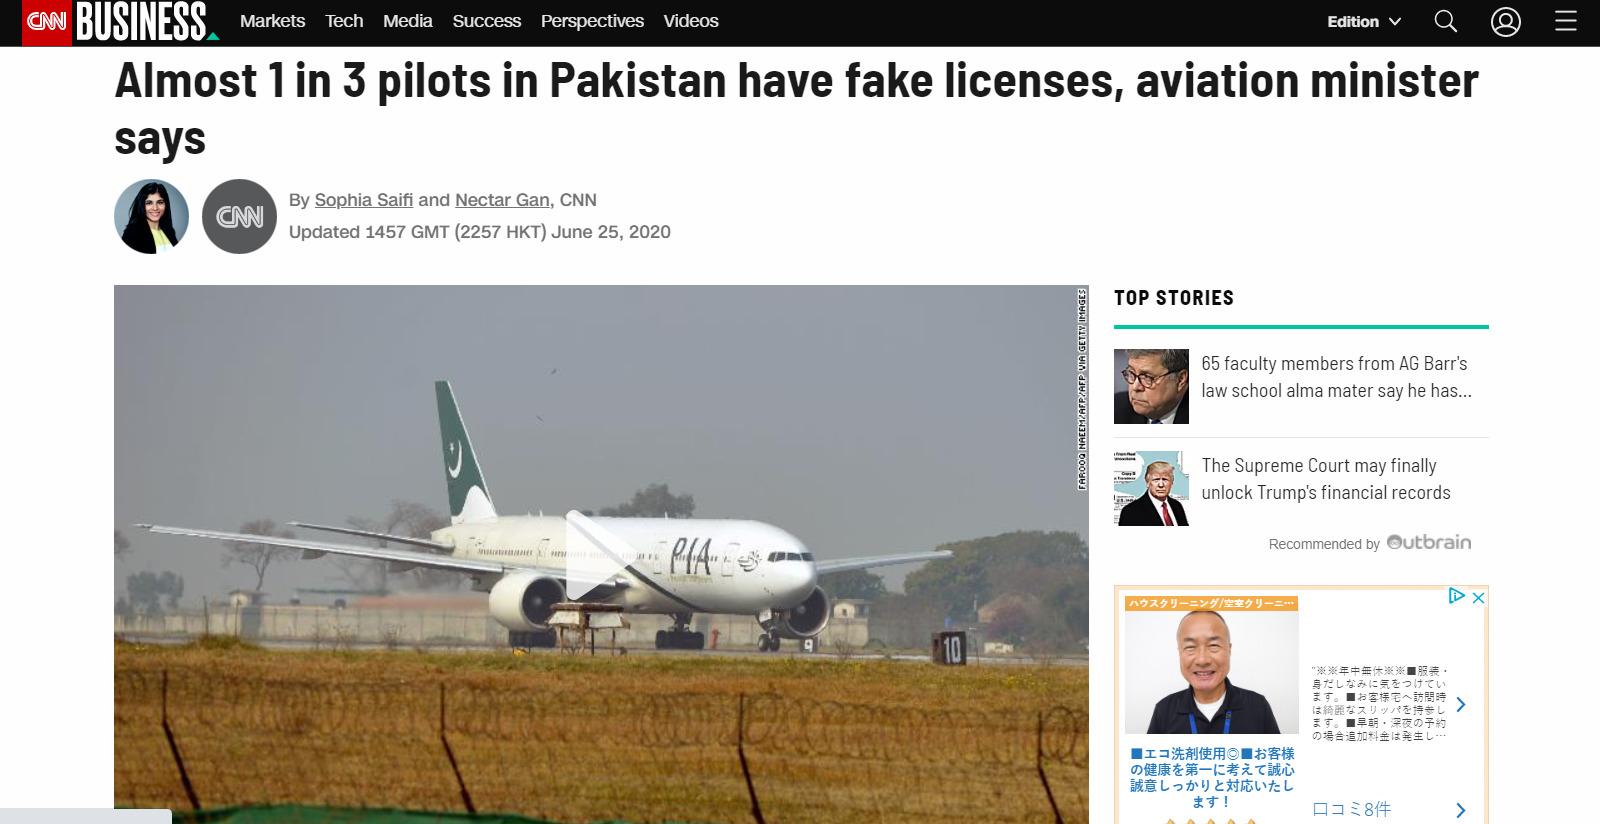 パキスタン パイロット 飛行機に関連した画像-02